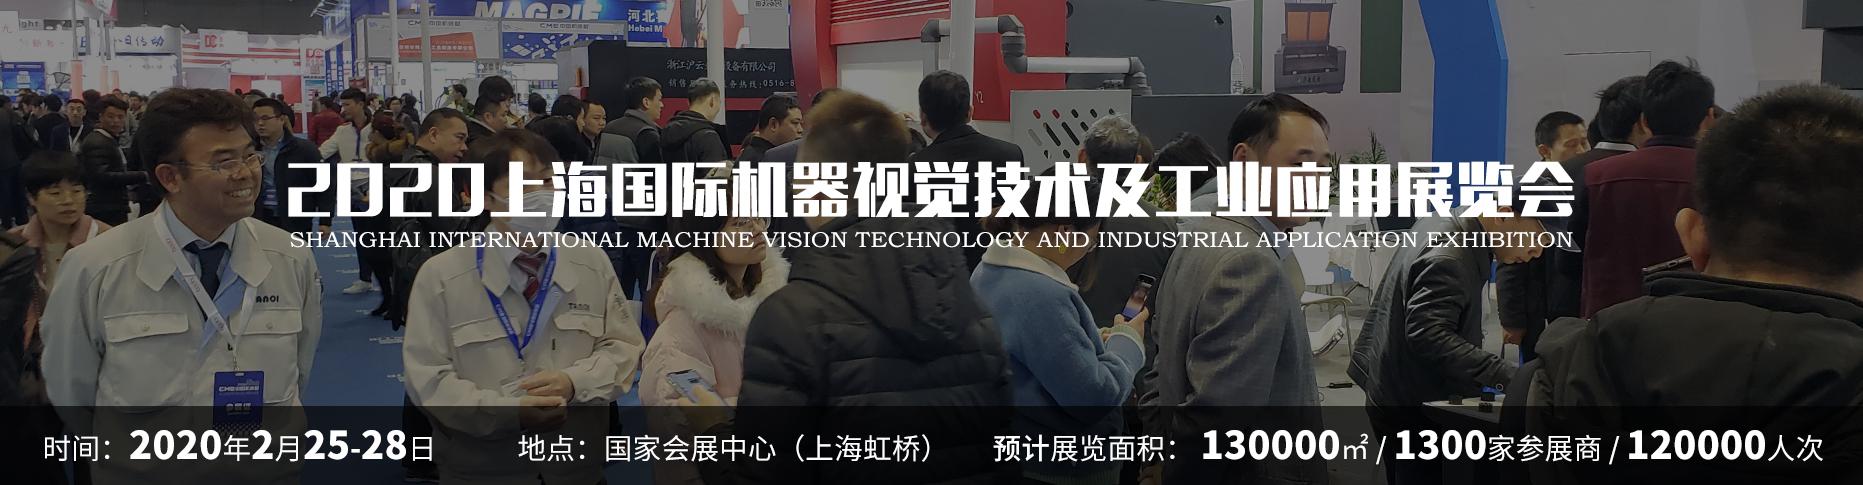 2020年春季上海機器視覺技術展覽會